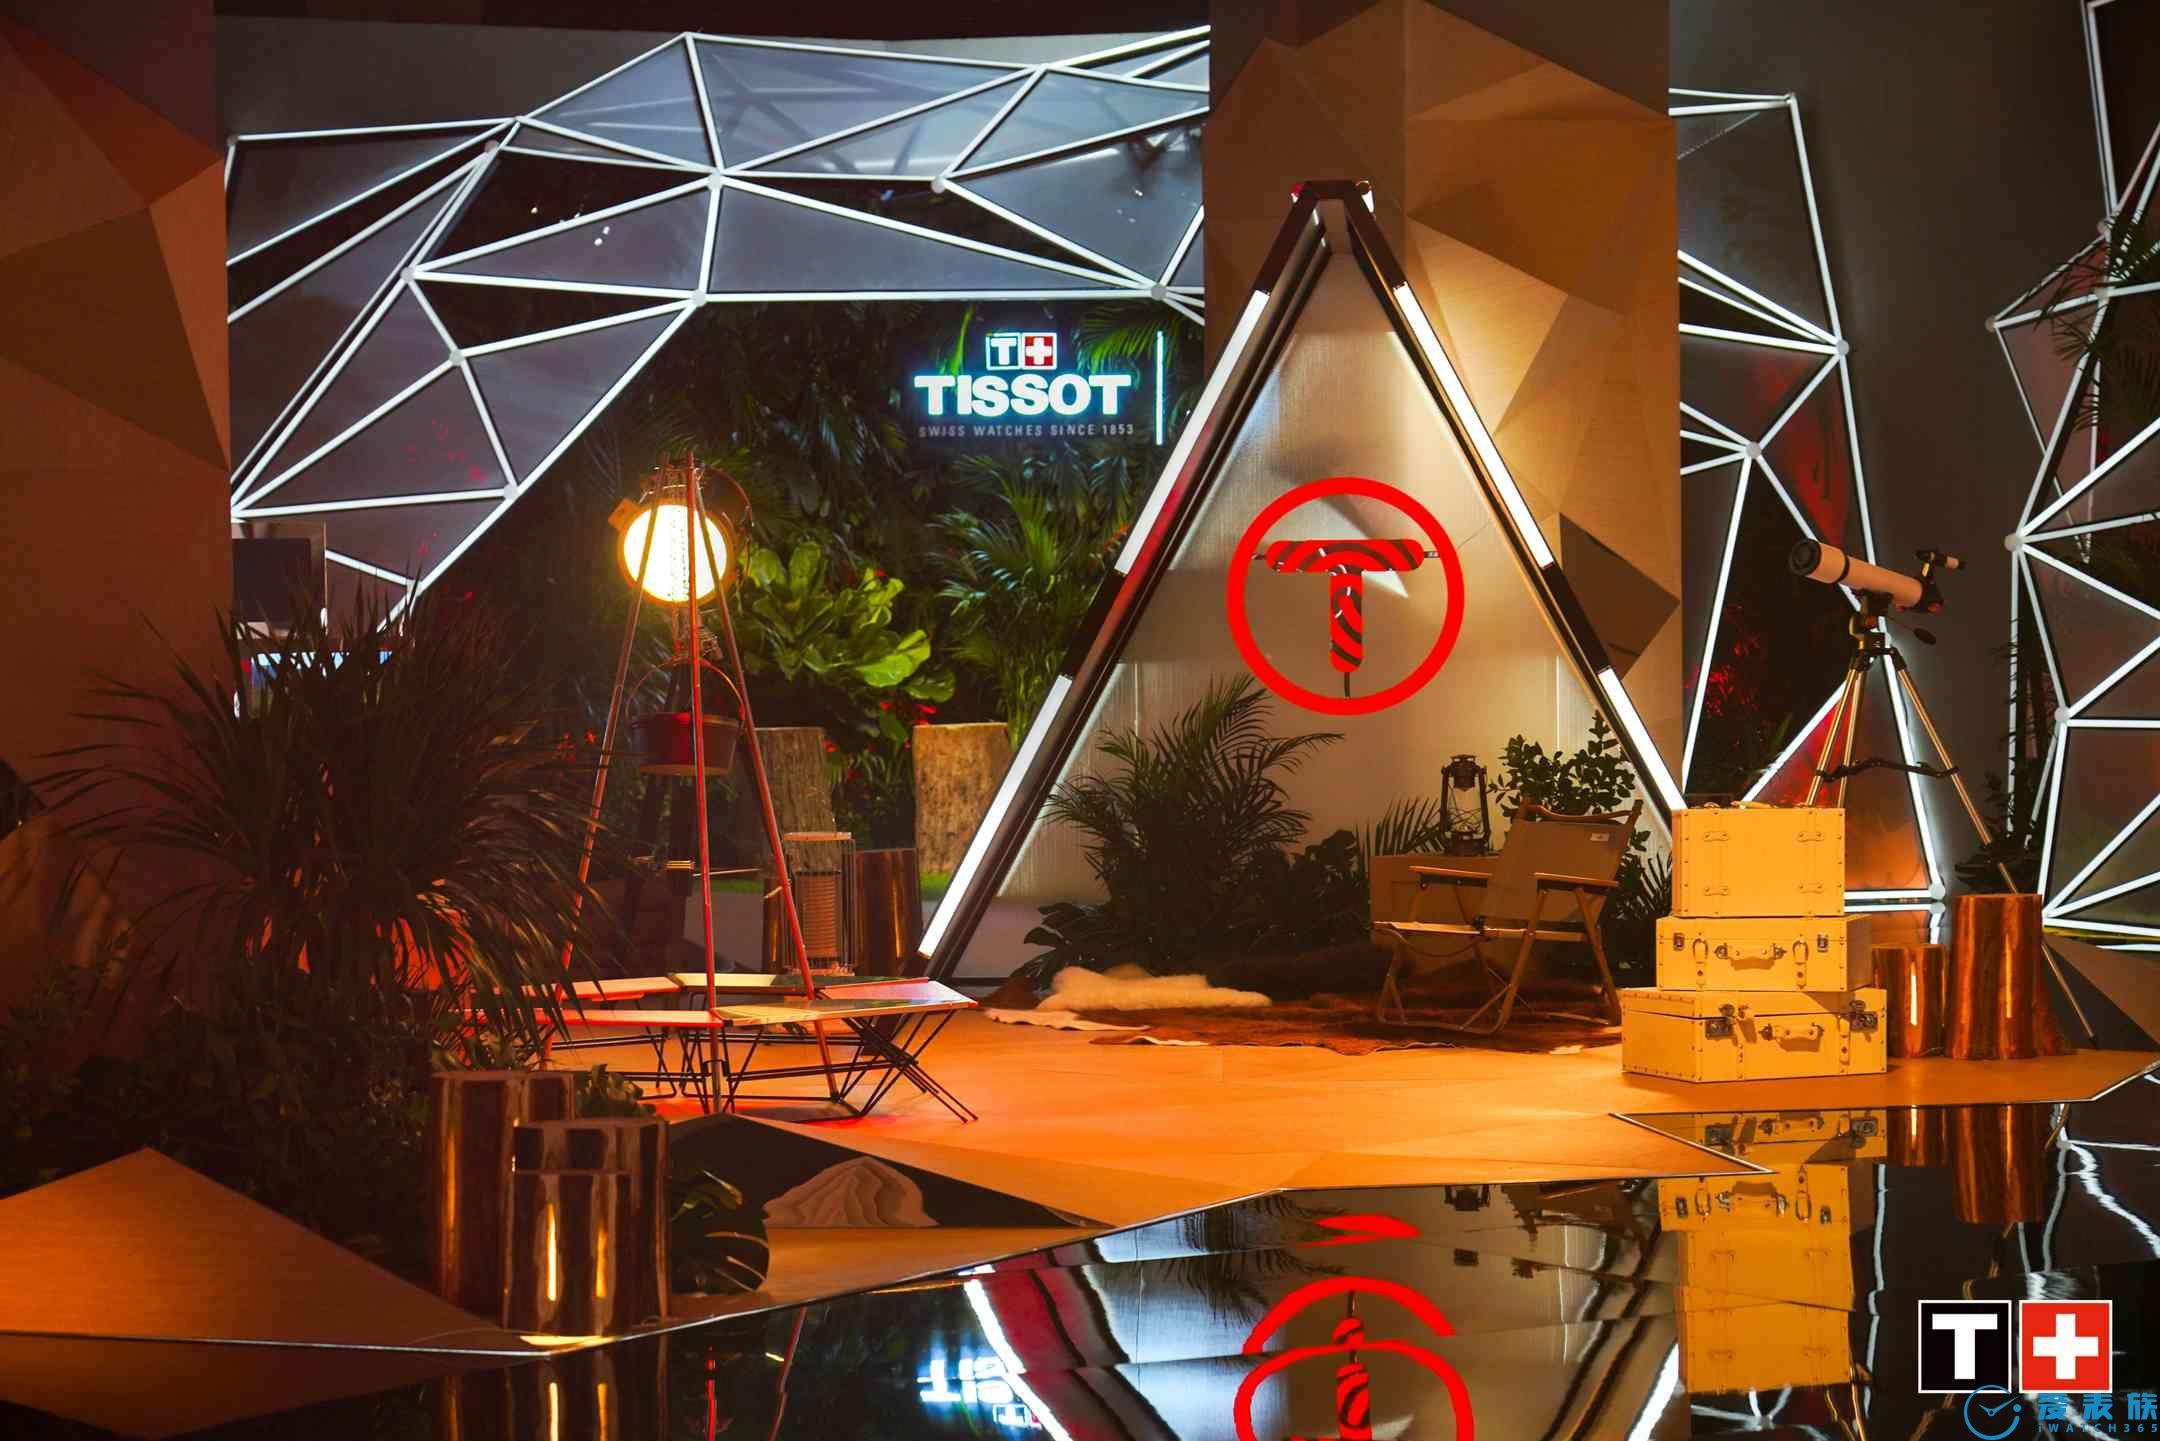 图3:赛博森林风格TISSOT天梭腾智·无界系列新品发布盛典现场